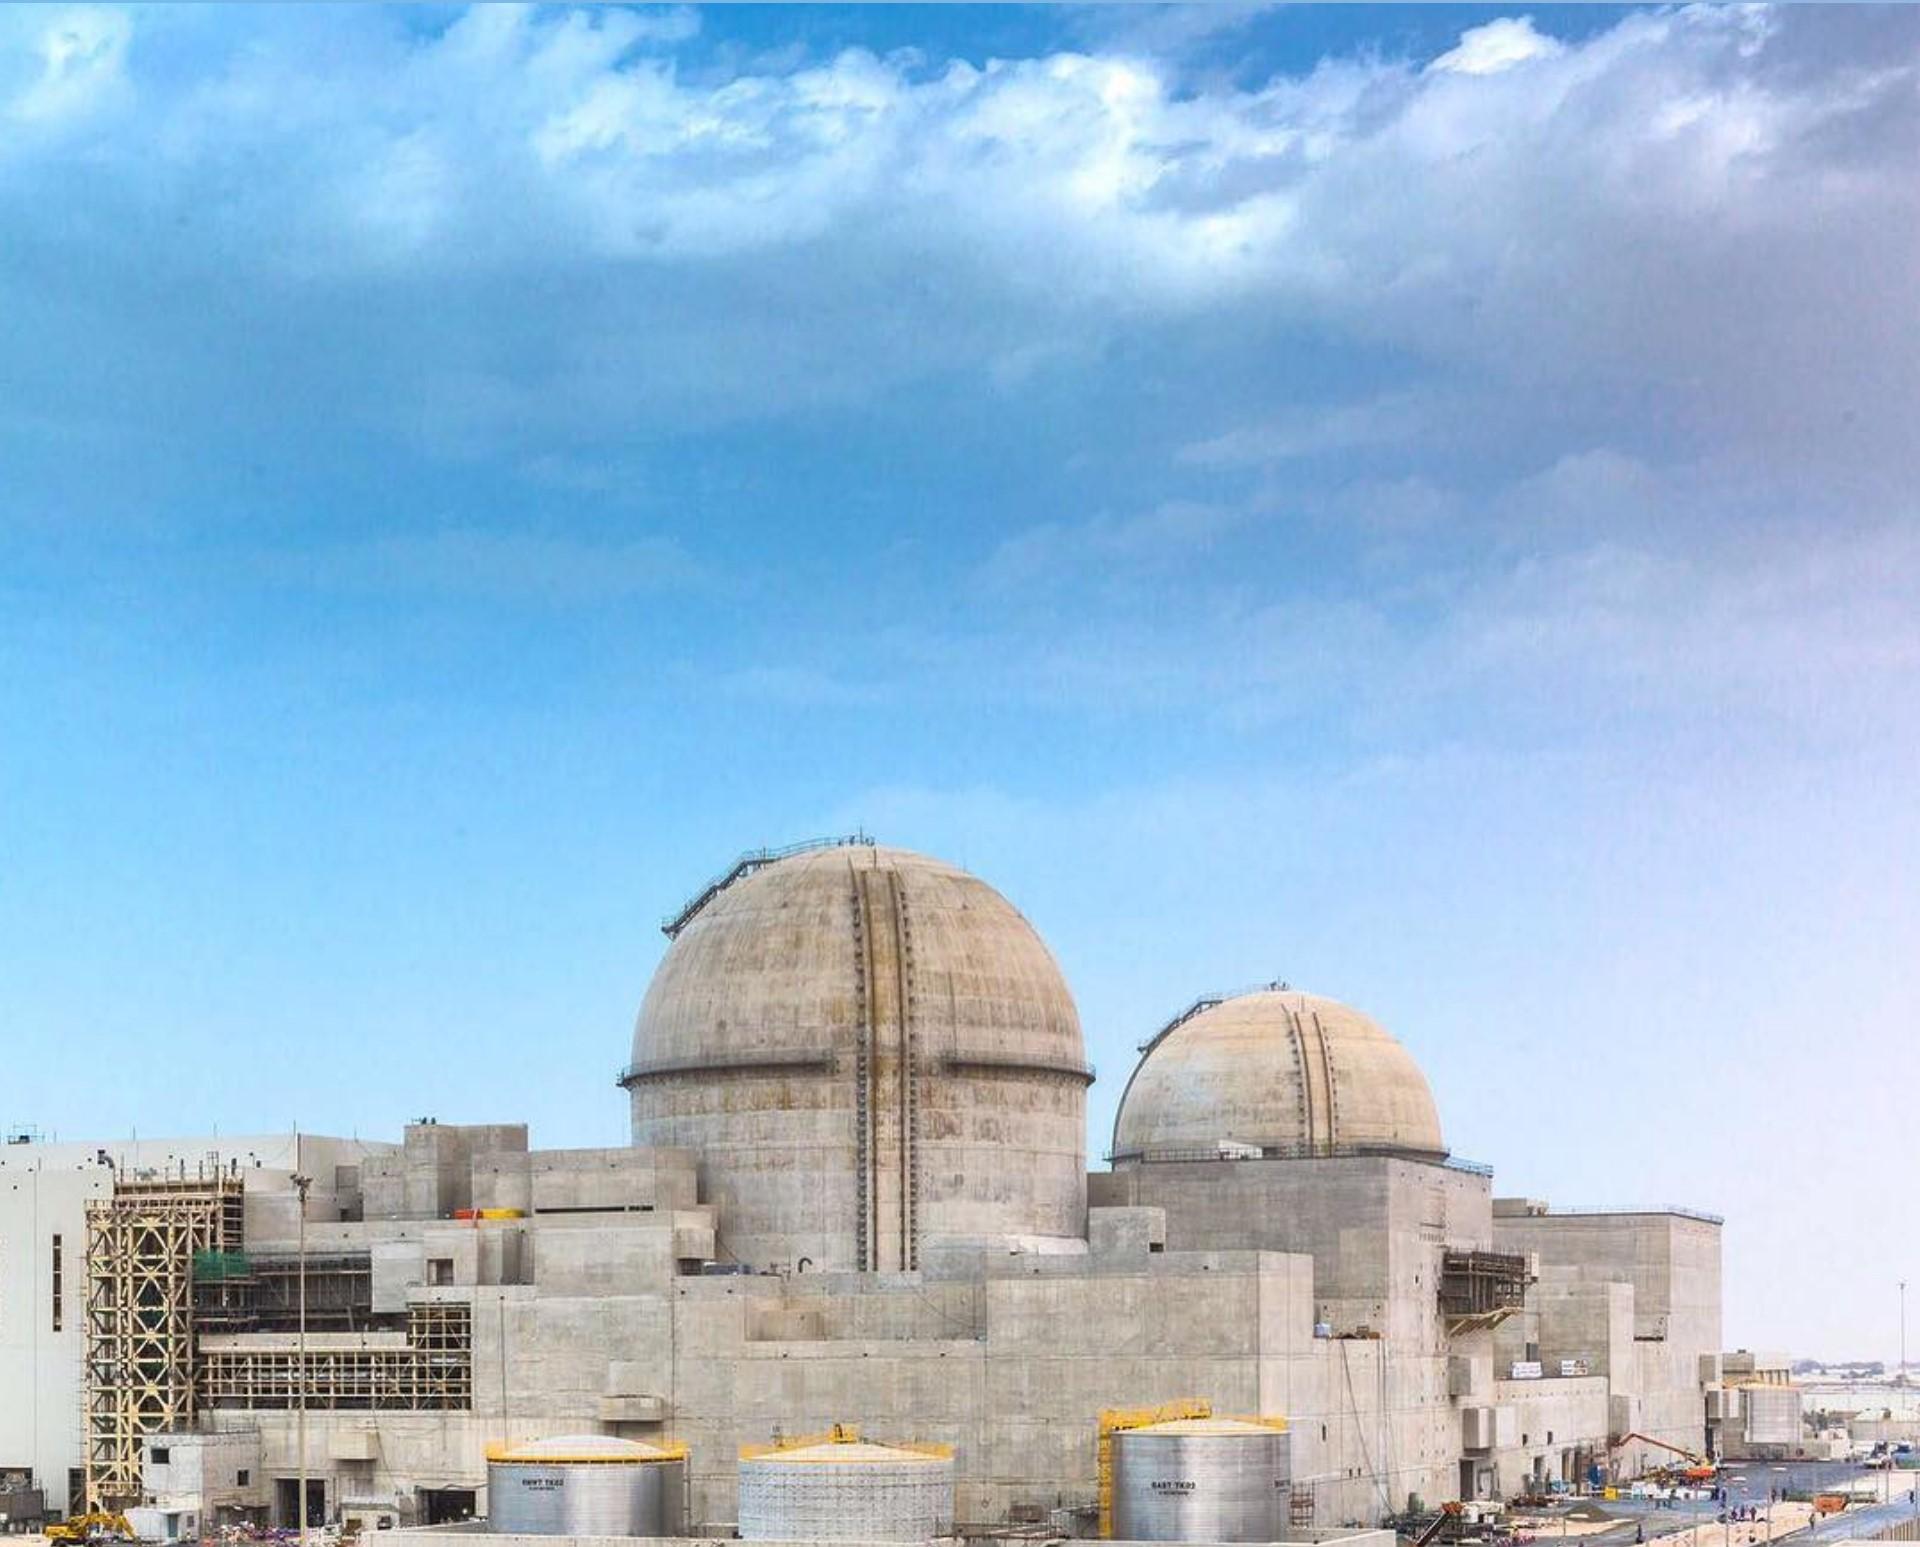 emirats arabes unis eau securite nucleaire - L'Energeek